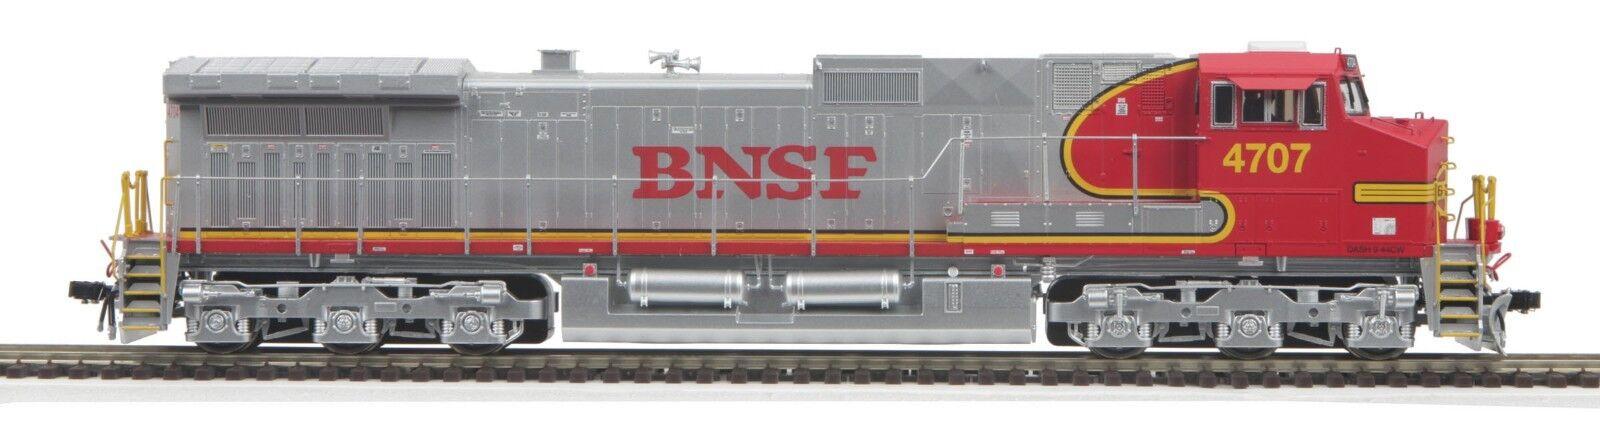 popular Hacer Hacer Hacer oferta  MTH EMD BNSF Dash - 9 penacho Modelo 80-2289-1 Cab  4707  muchas concesiones